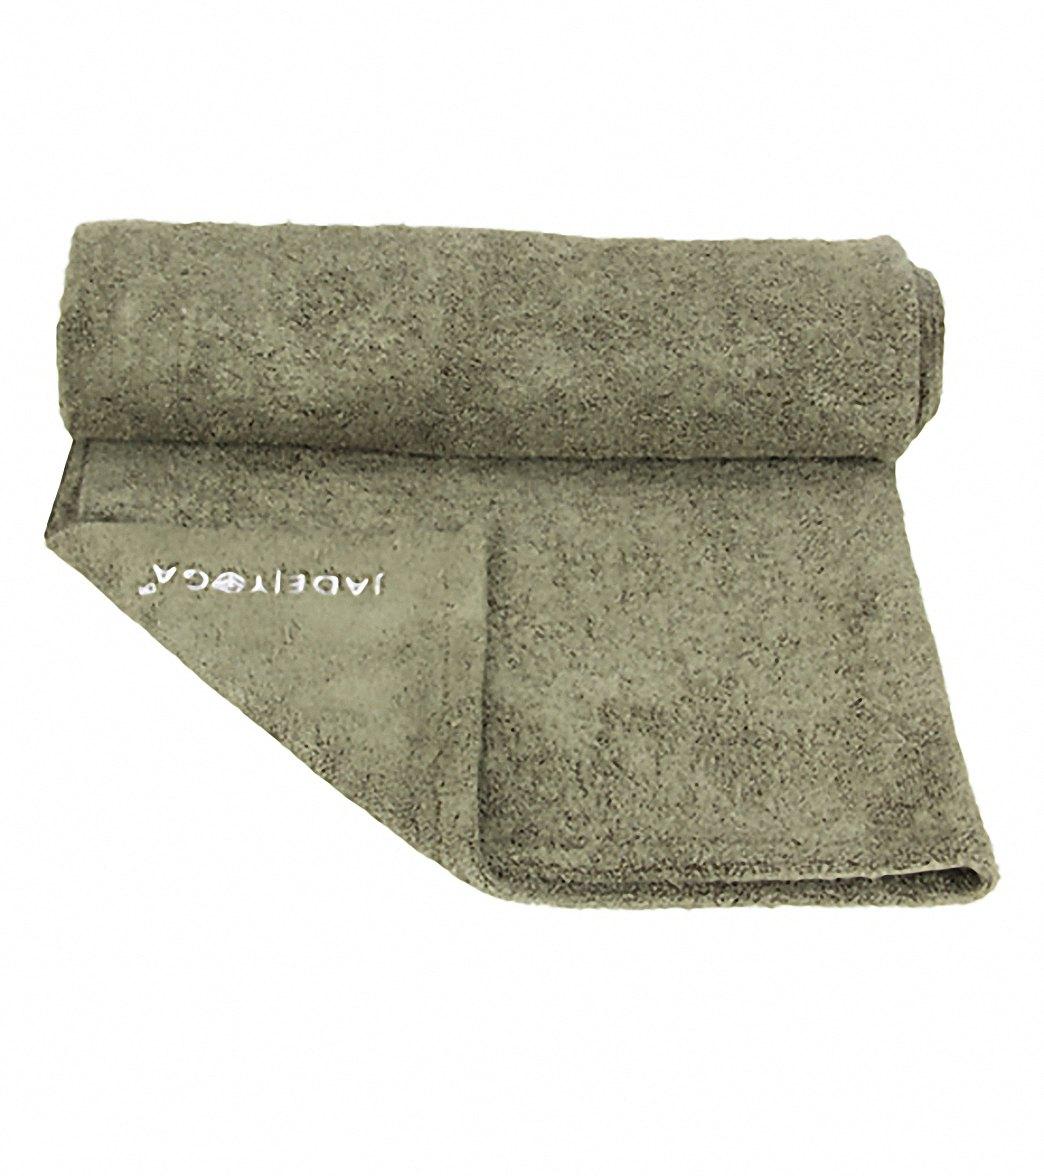 Jade Yoga Microfiber Yoga Towel At YogaOutlet.com